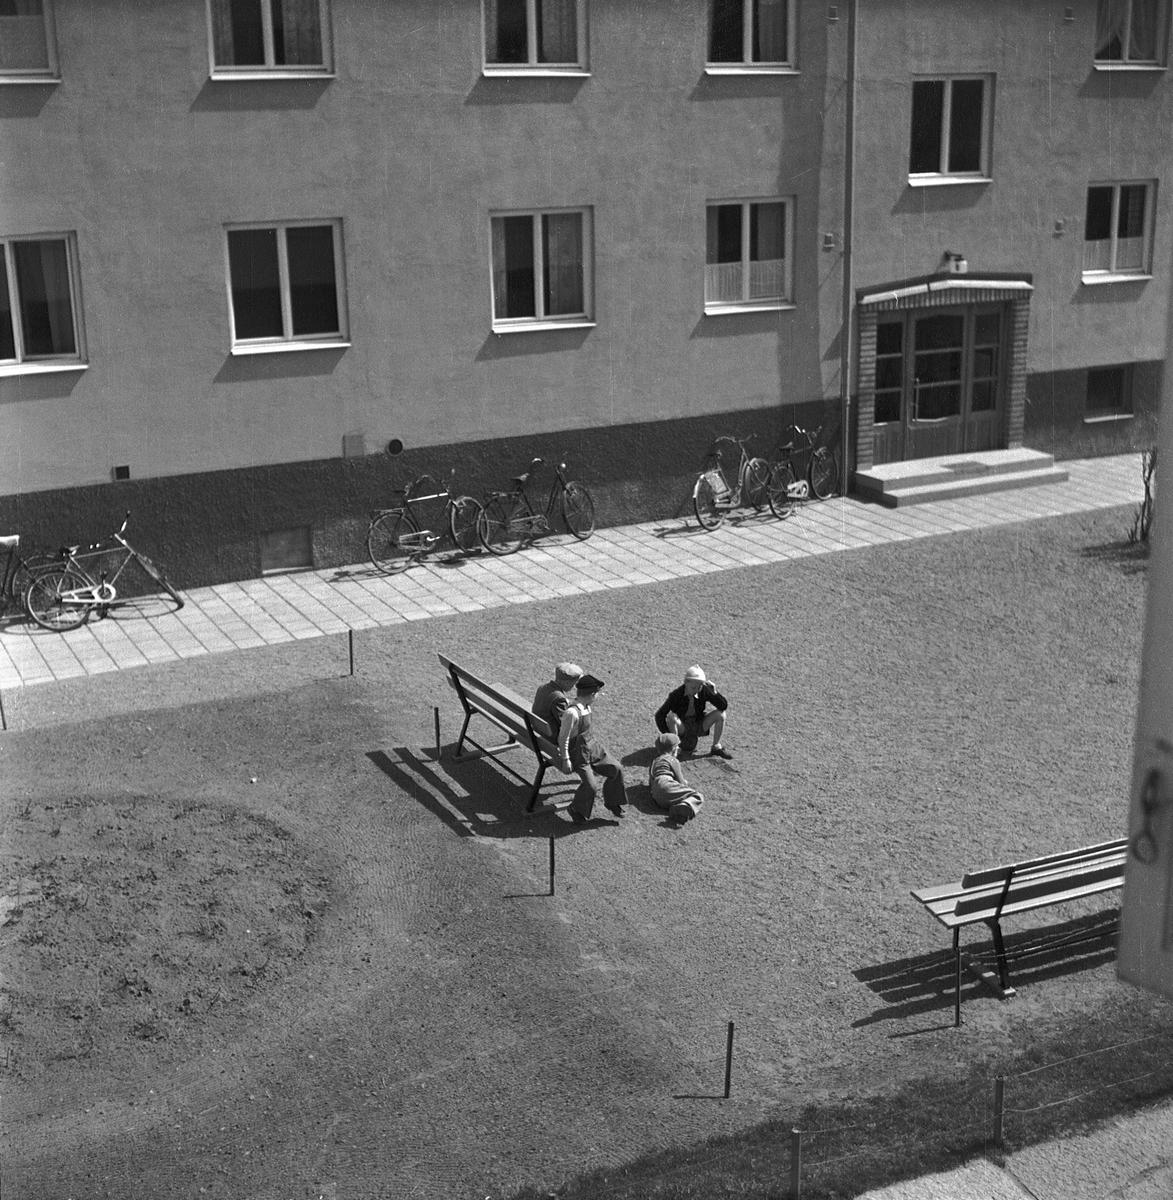 Fyra barn på en gård vid ett hyreshus i Jönköping. Två av dem spelar luffarschack på grusplanen och två sitter på soffan intill och tittar på. Några cyklar står lutade mot husväggen.